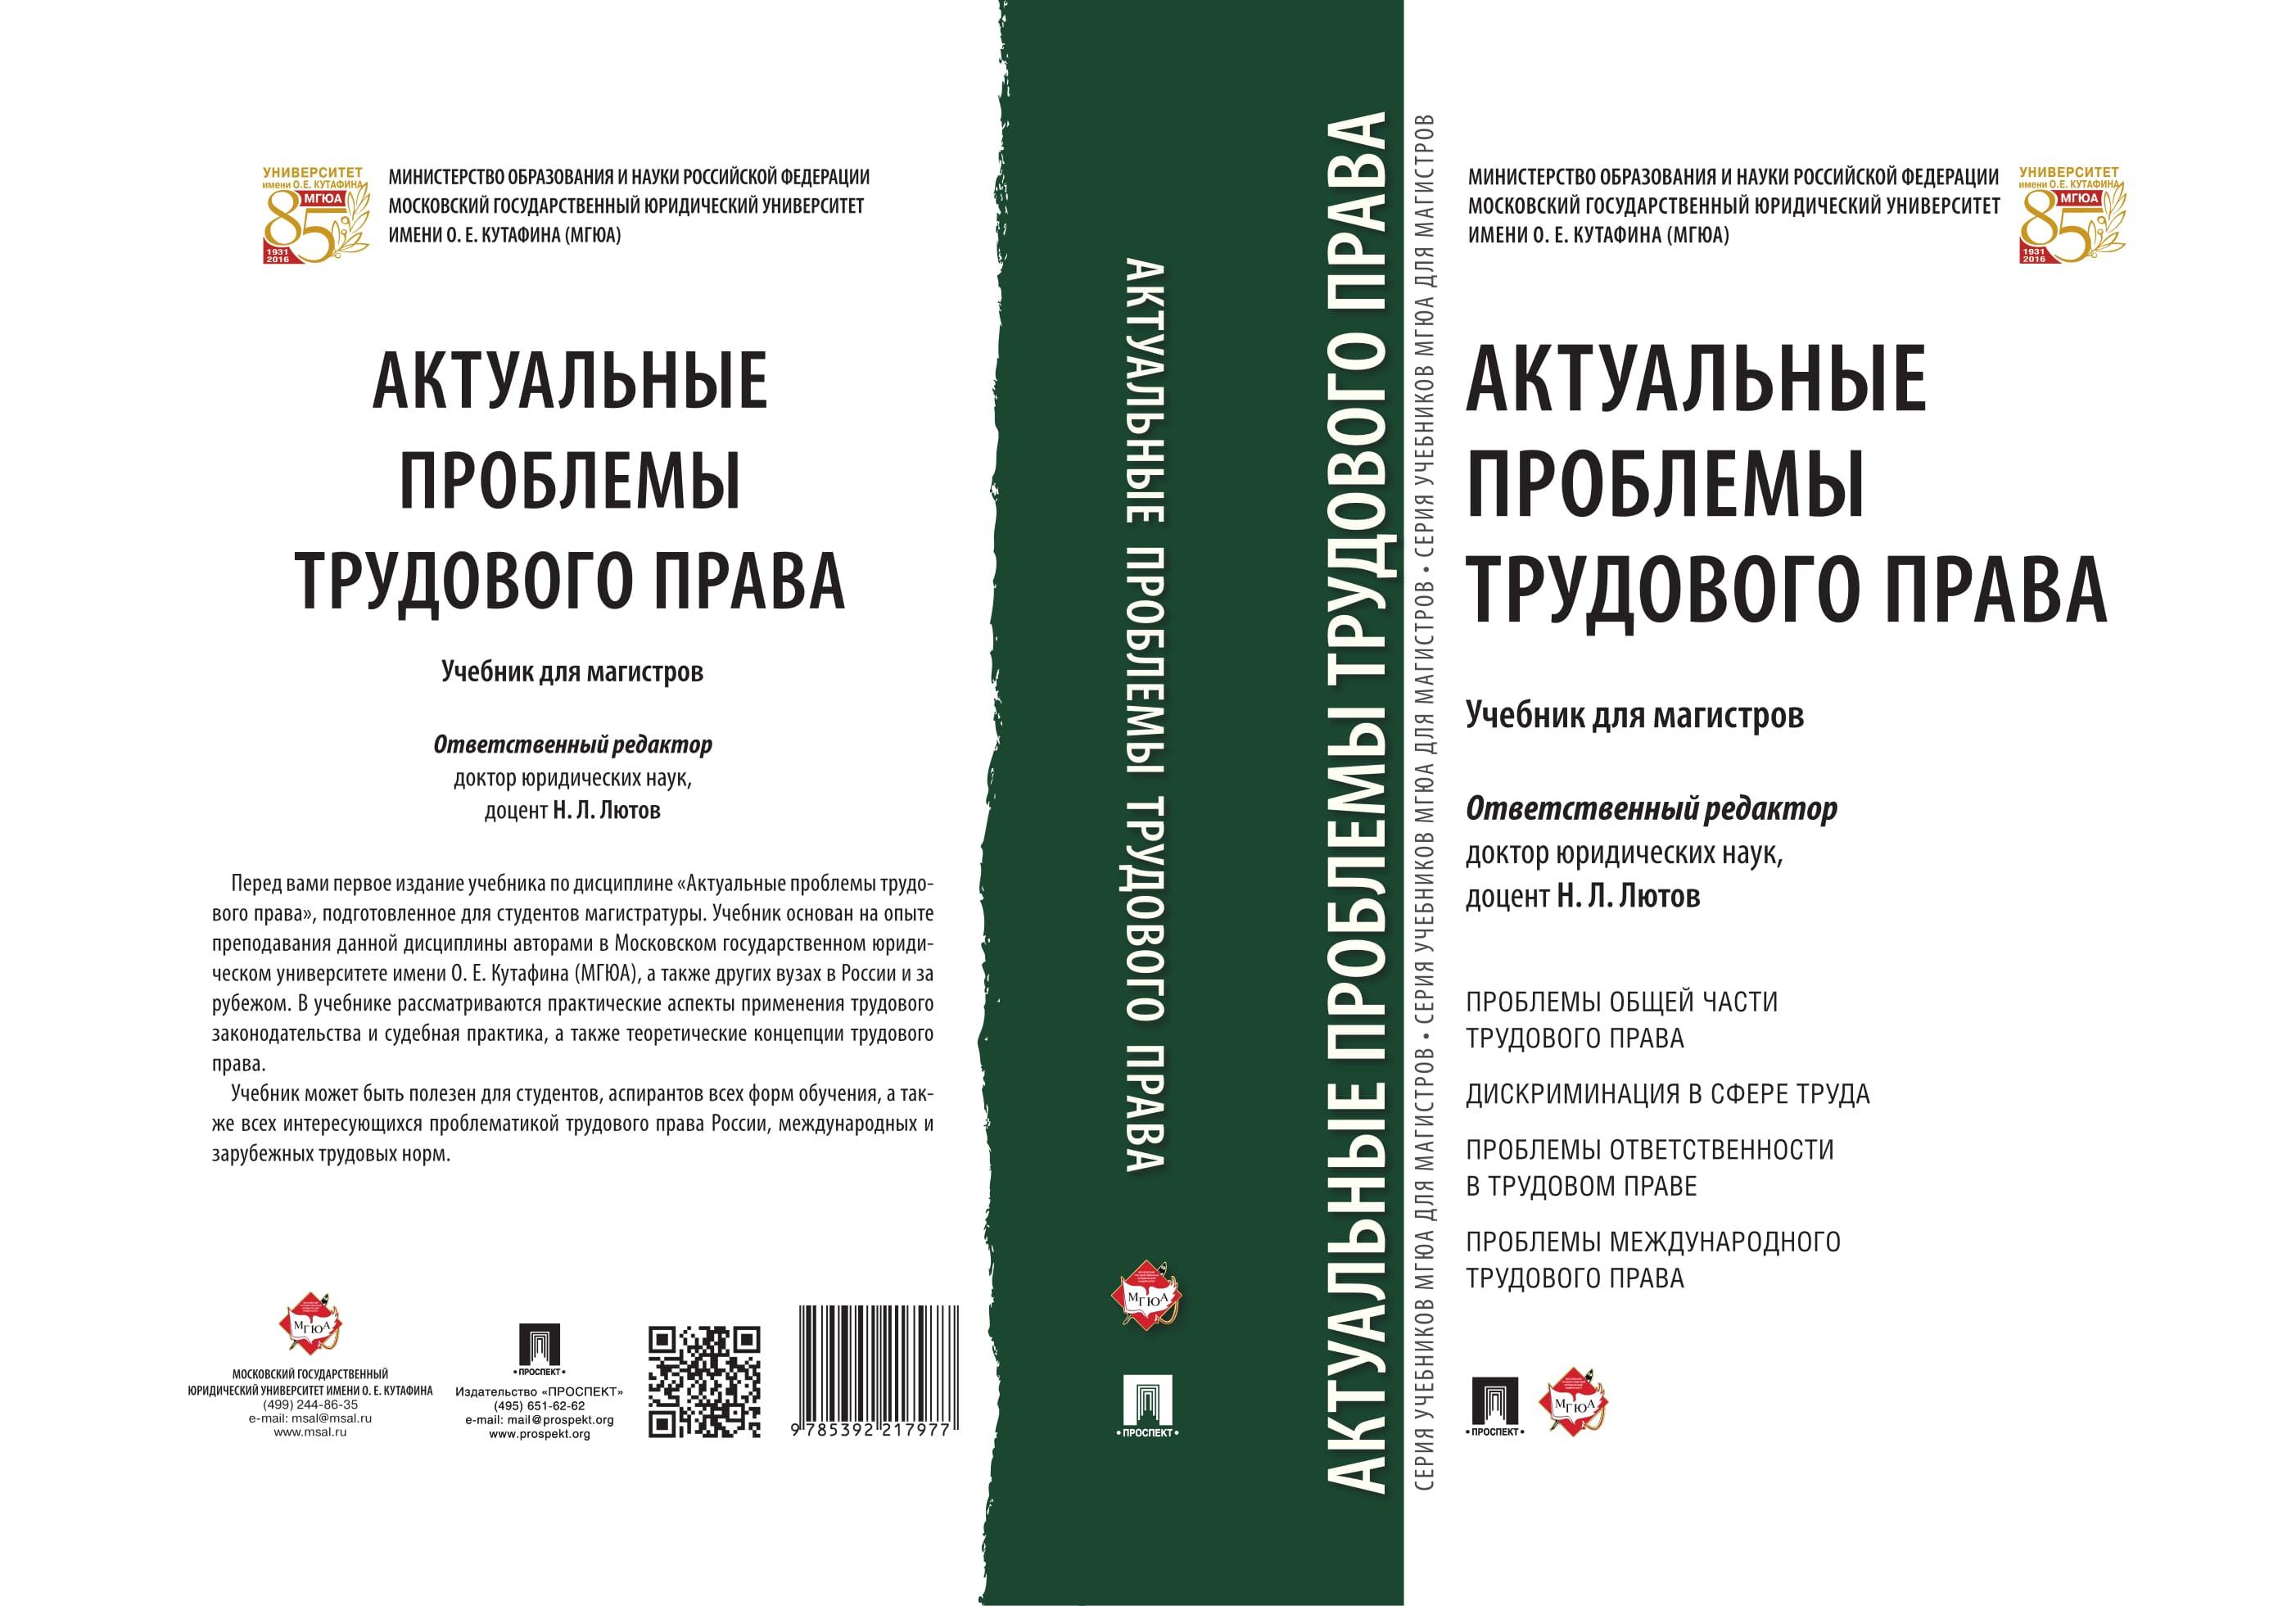 Охрана труда: международный опыт и российское законодательство